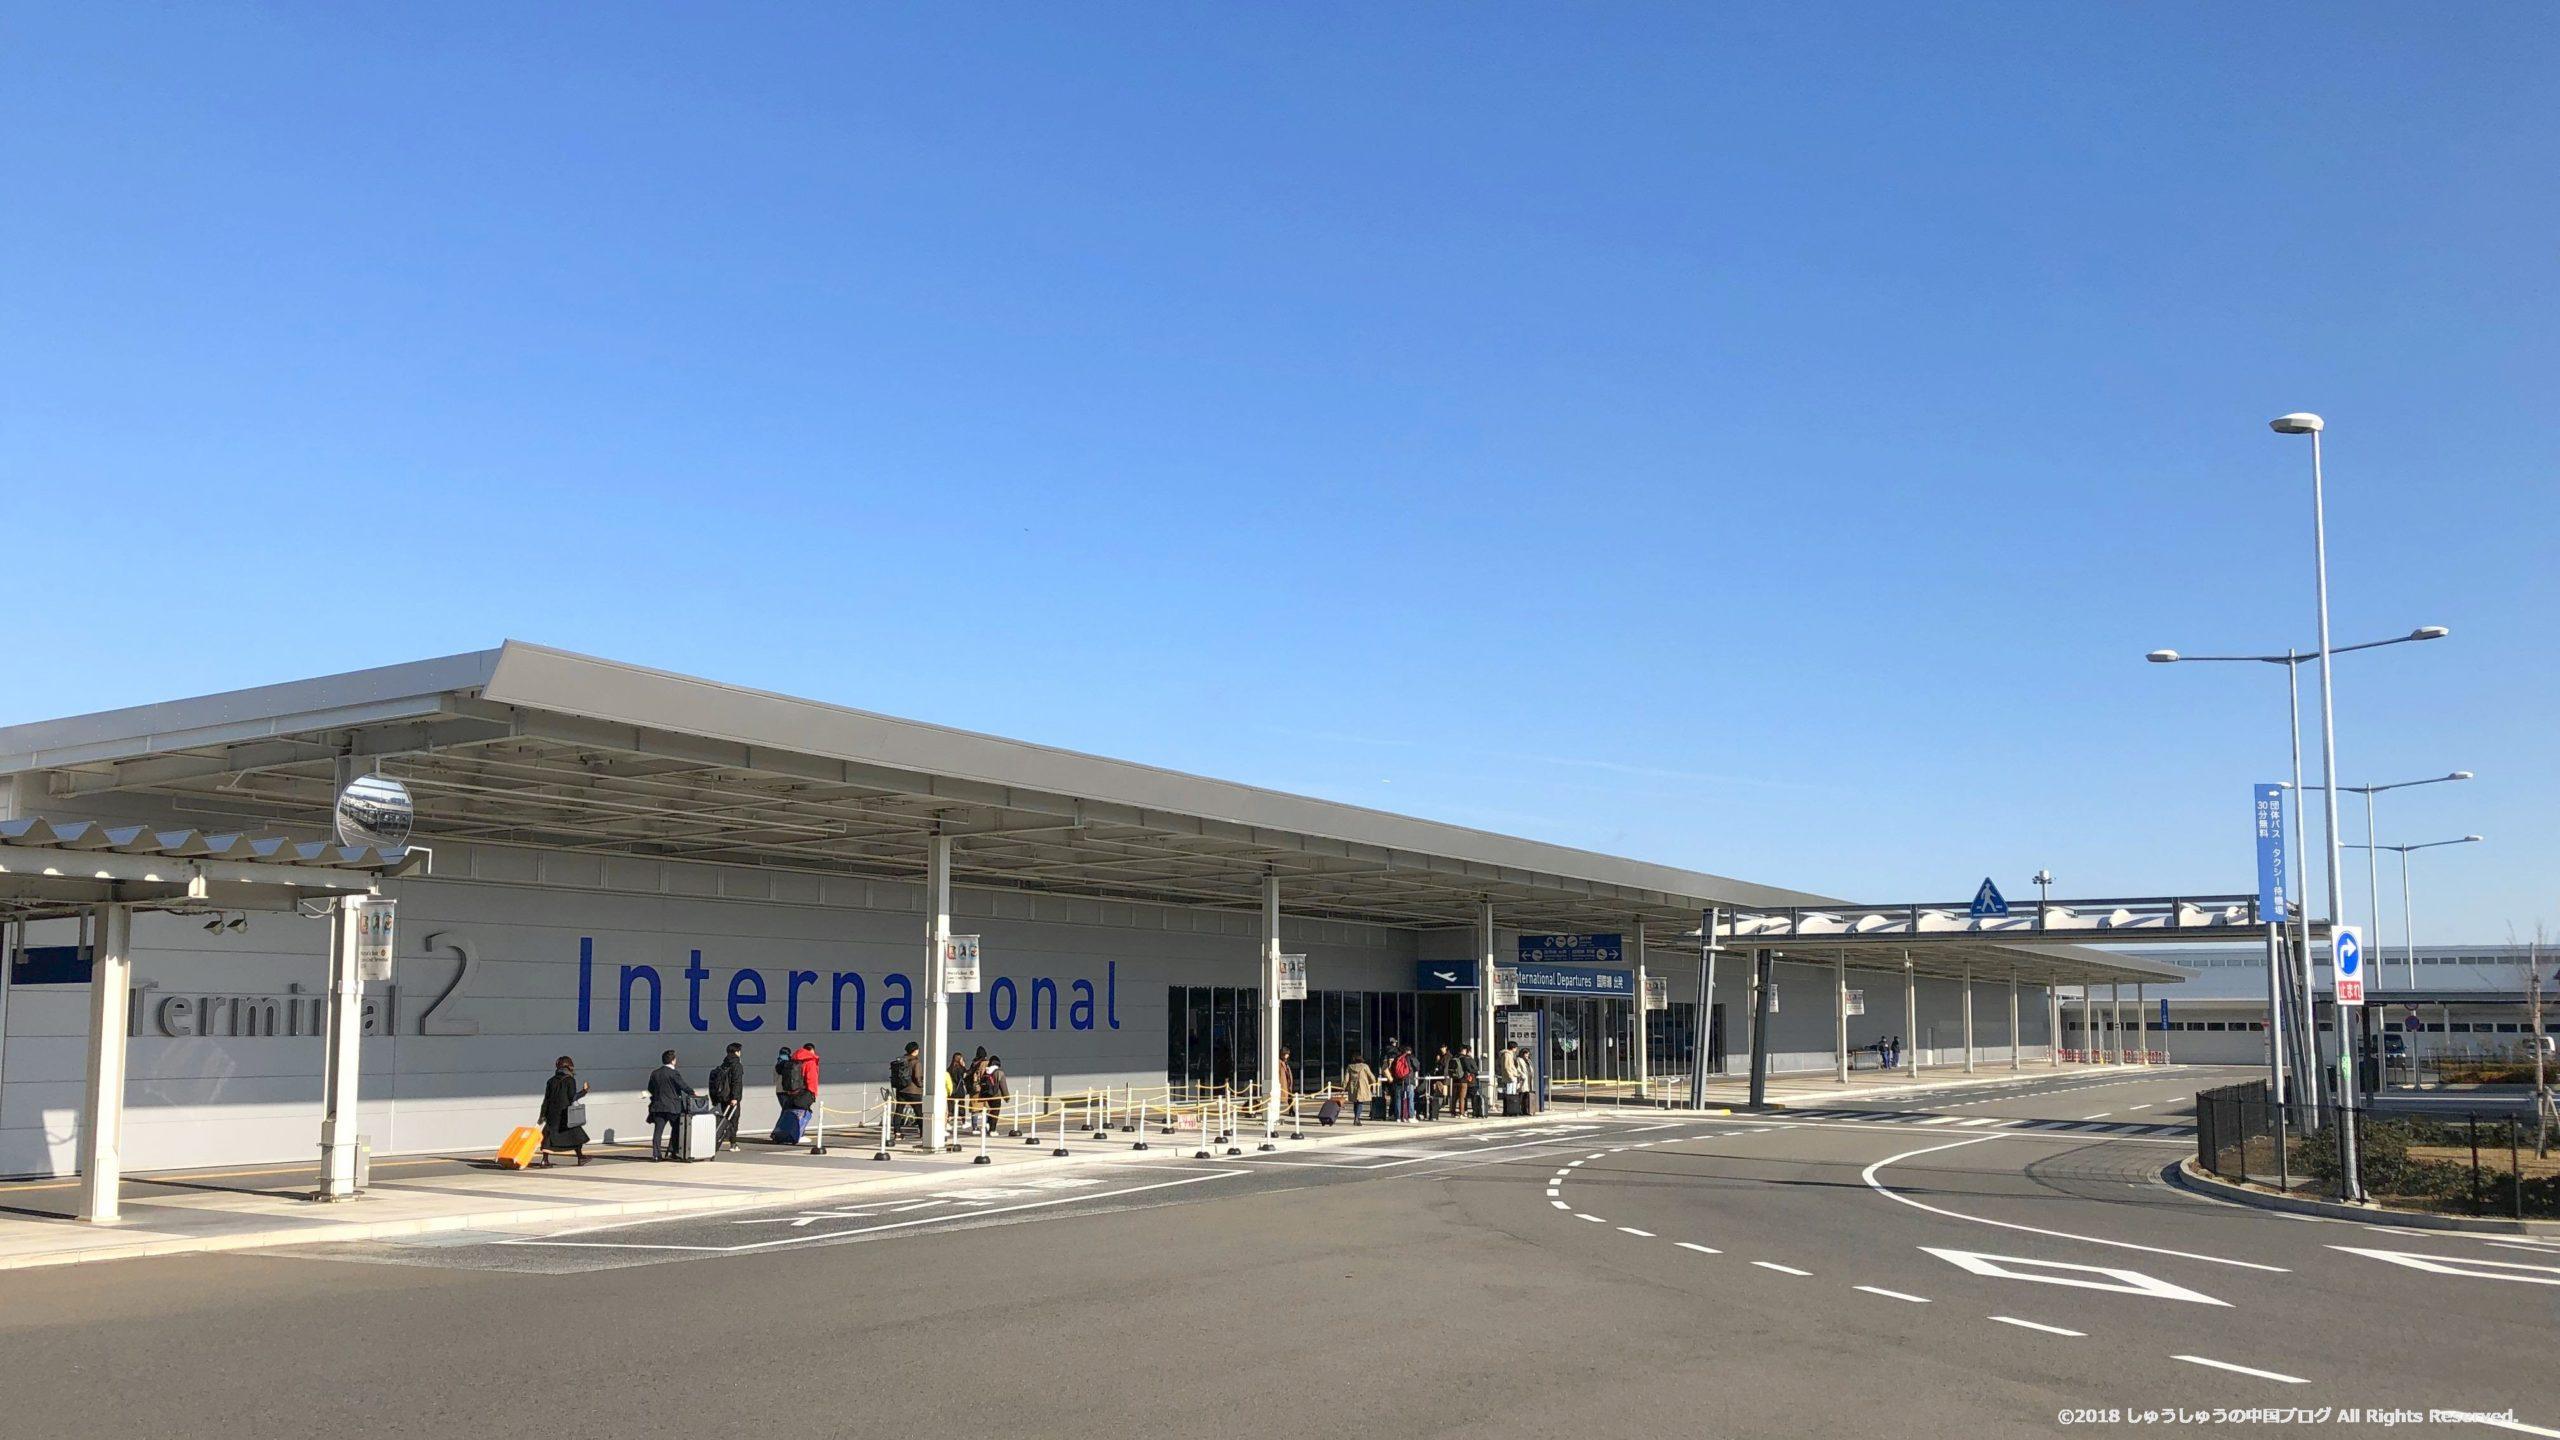 関西国際空港第2ターミナルチェックインカウンター入り口